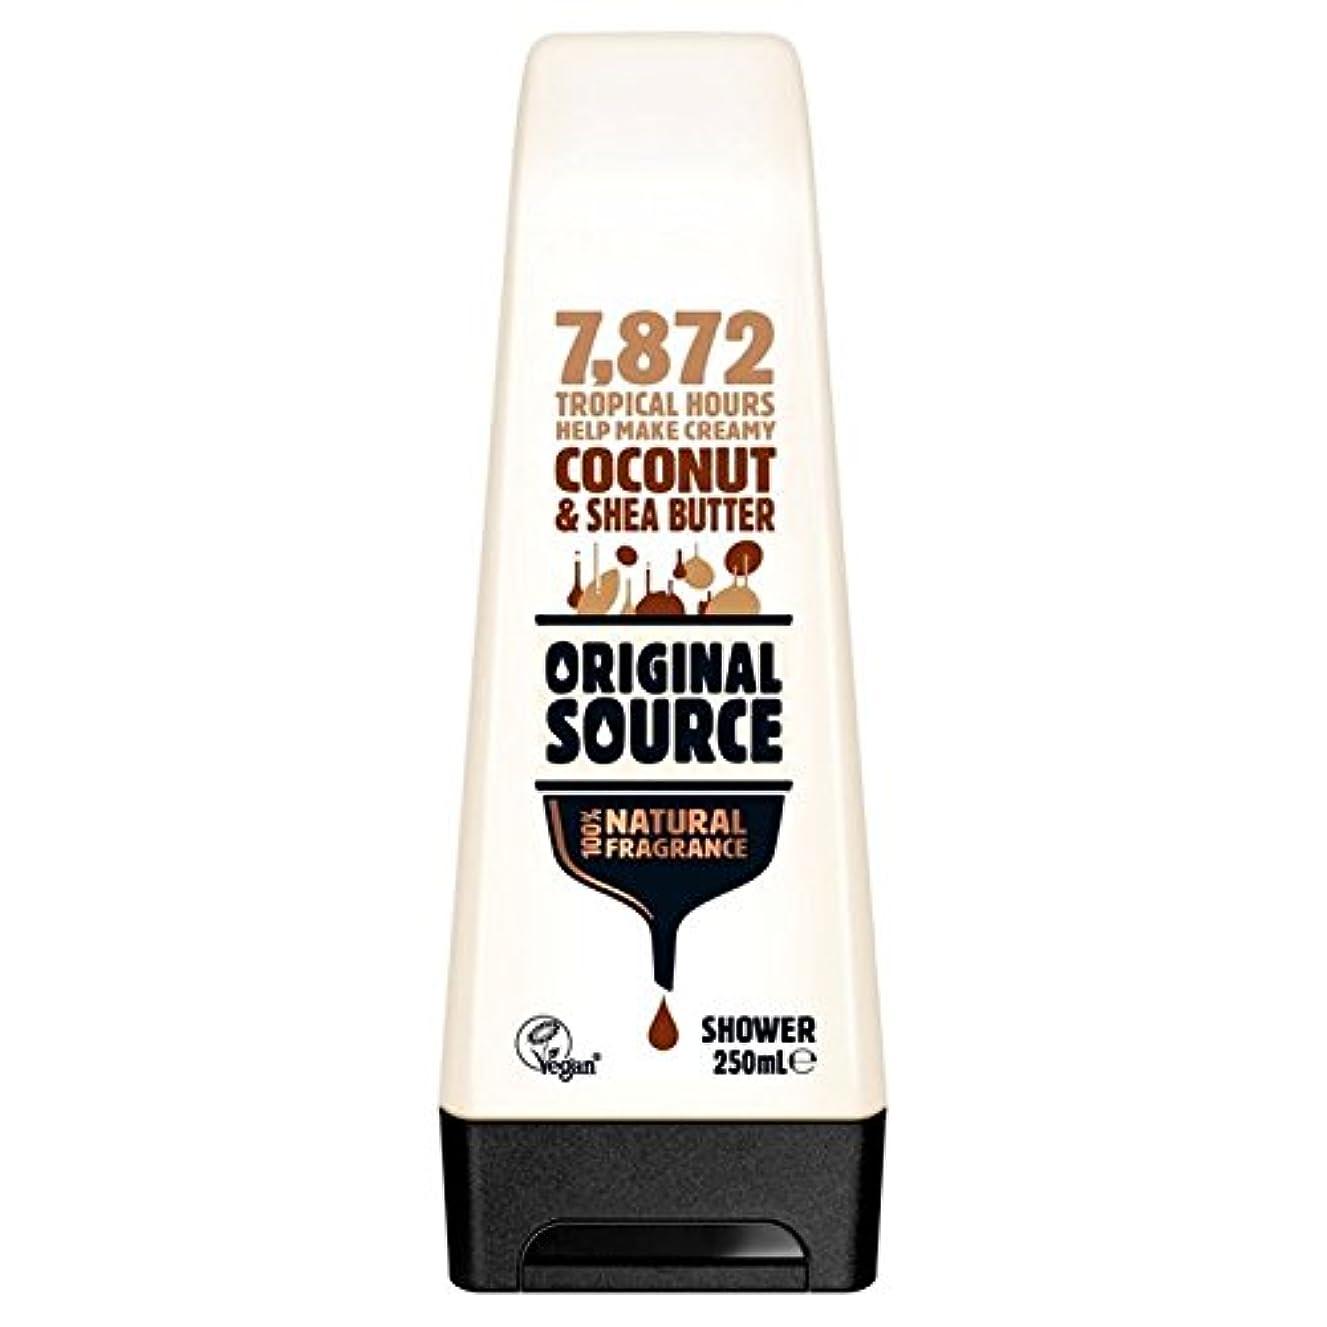 ラフ暗唱するはずOriginal Source Moisturising Coconut & Shea Butter Shower Gel 250ml - 元のソース保湿ココナッツ&シアバターシャワージェル250ミリリットル [並行輸入品]